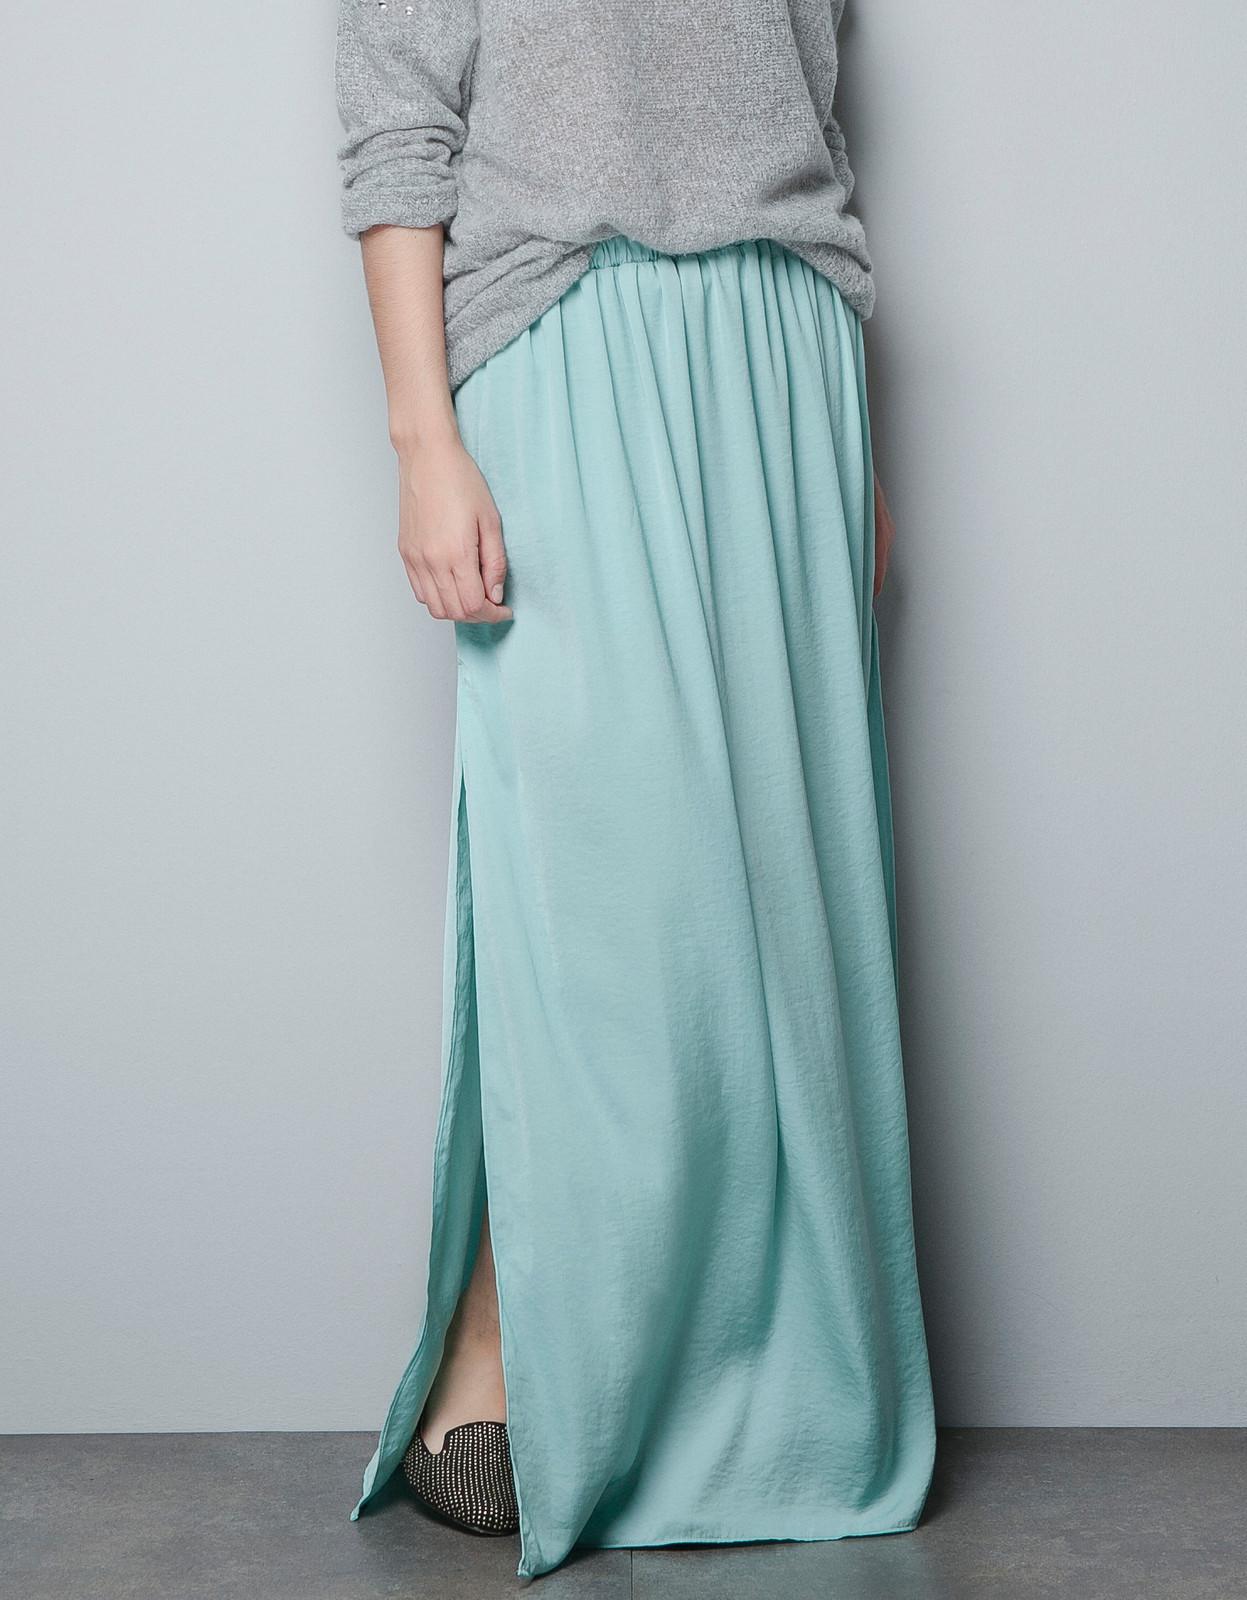 zara sold out maxi skirt dress green mint size s